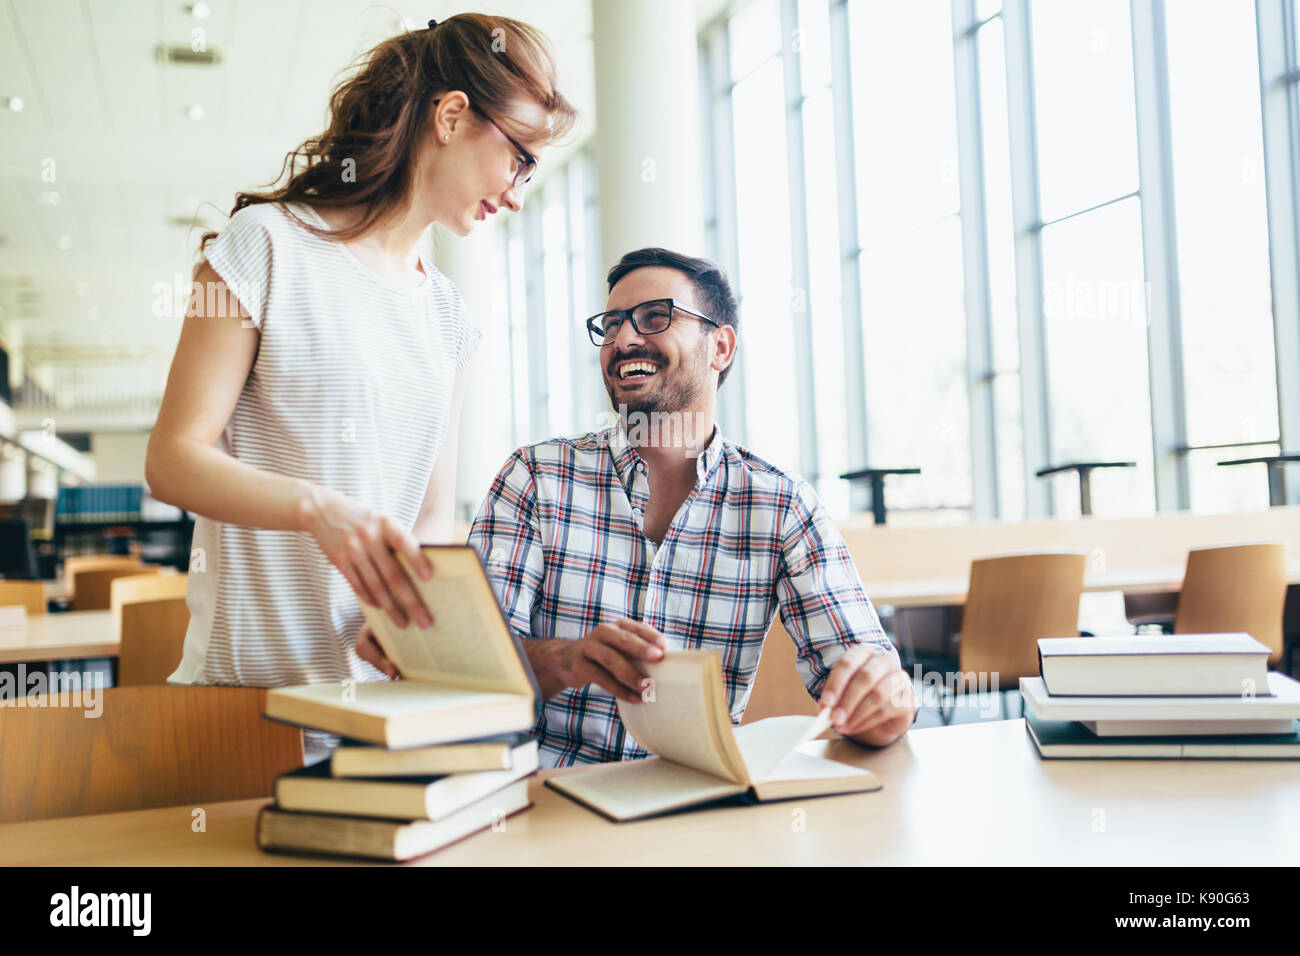 Giovani studenti attraente di trascorrere del tempo in libreria Immagini Stock